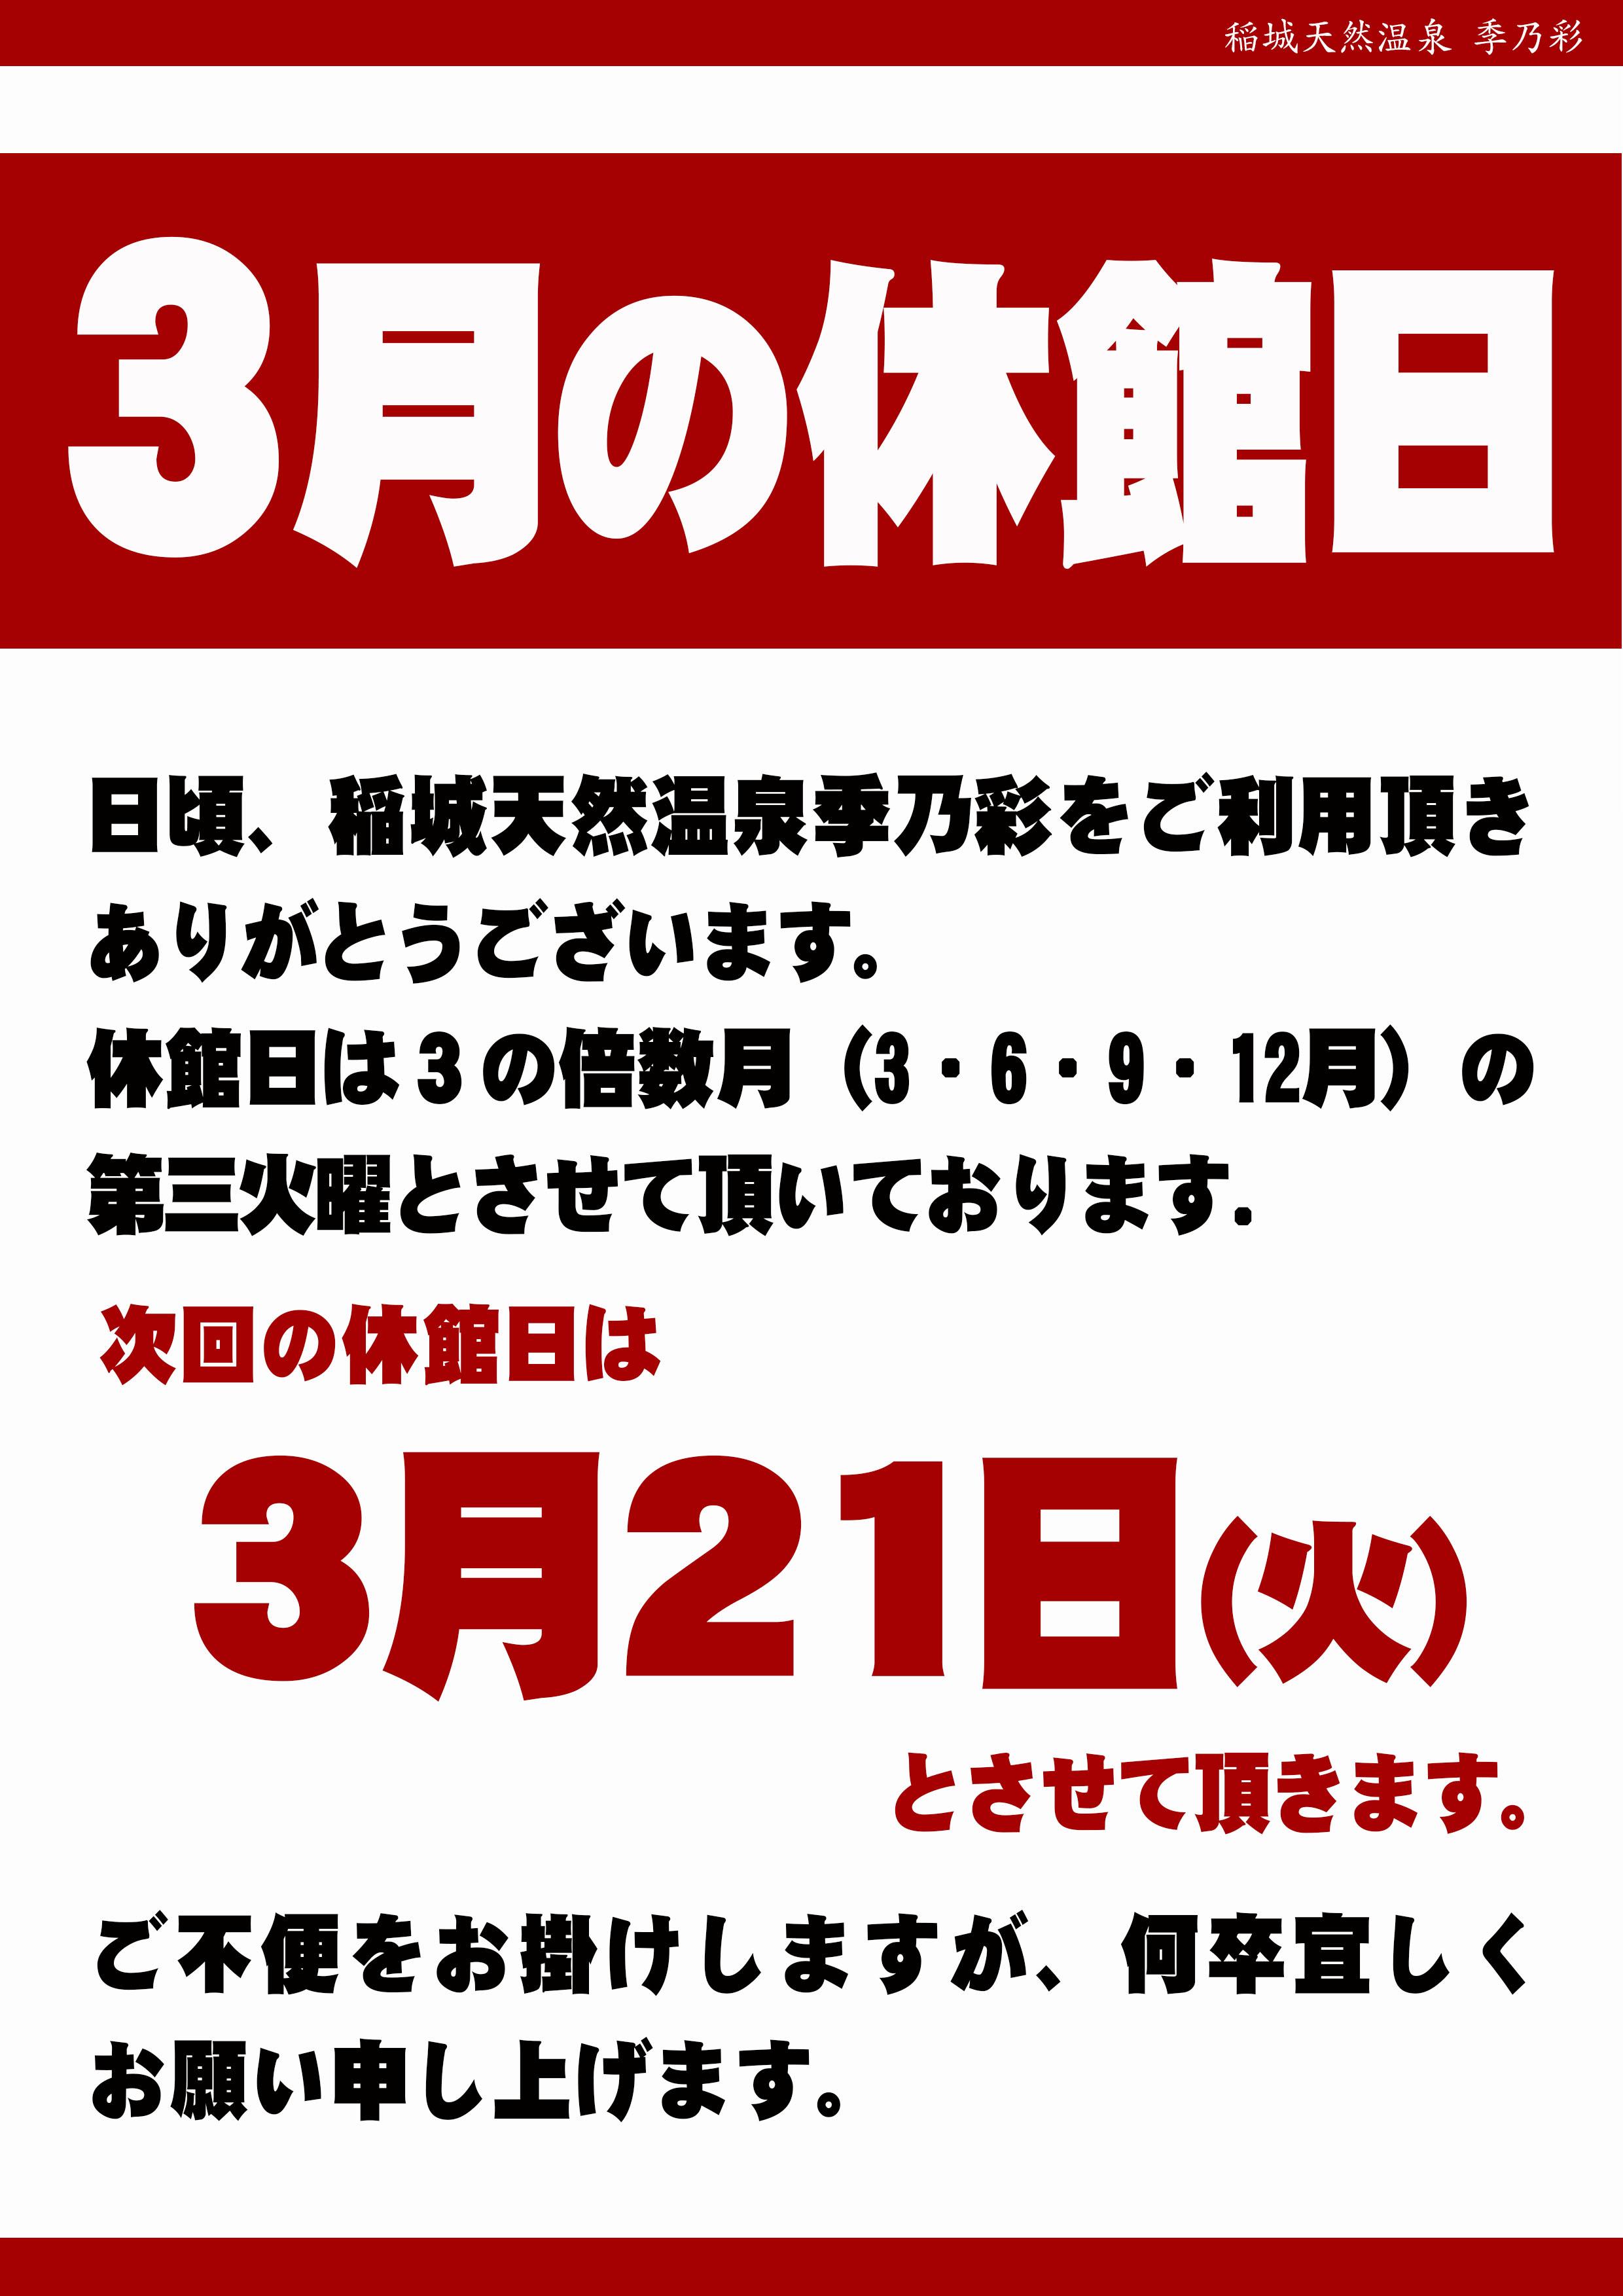 20170321POP 休館日お知らせ 3月